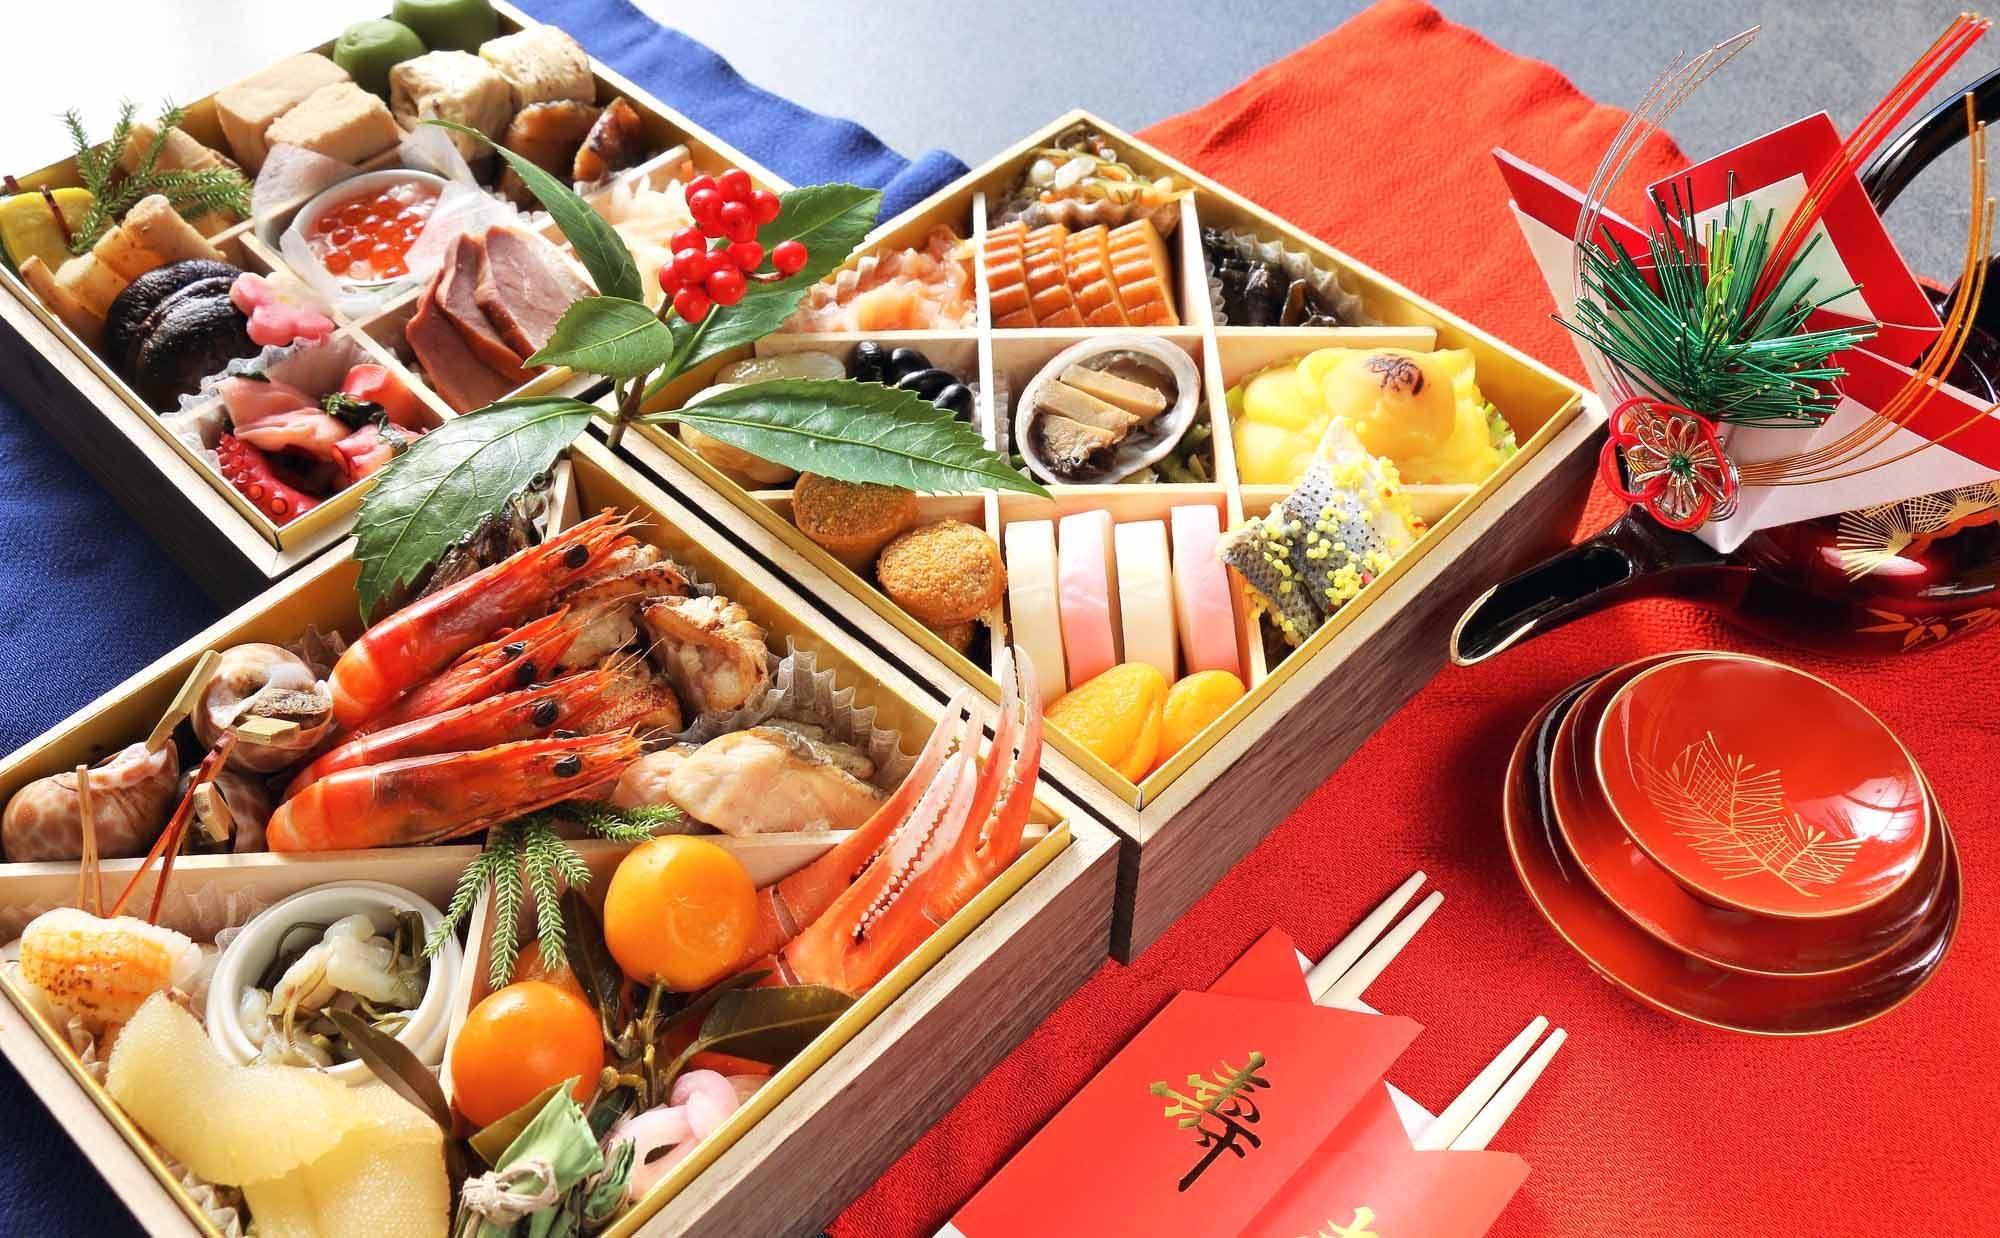 長野の手作りおせちで食卓を囲む、わが家のほっこりお正月